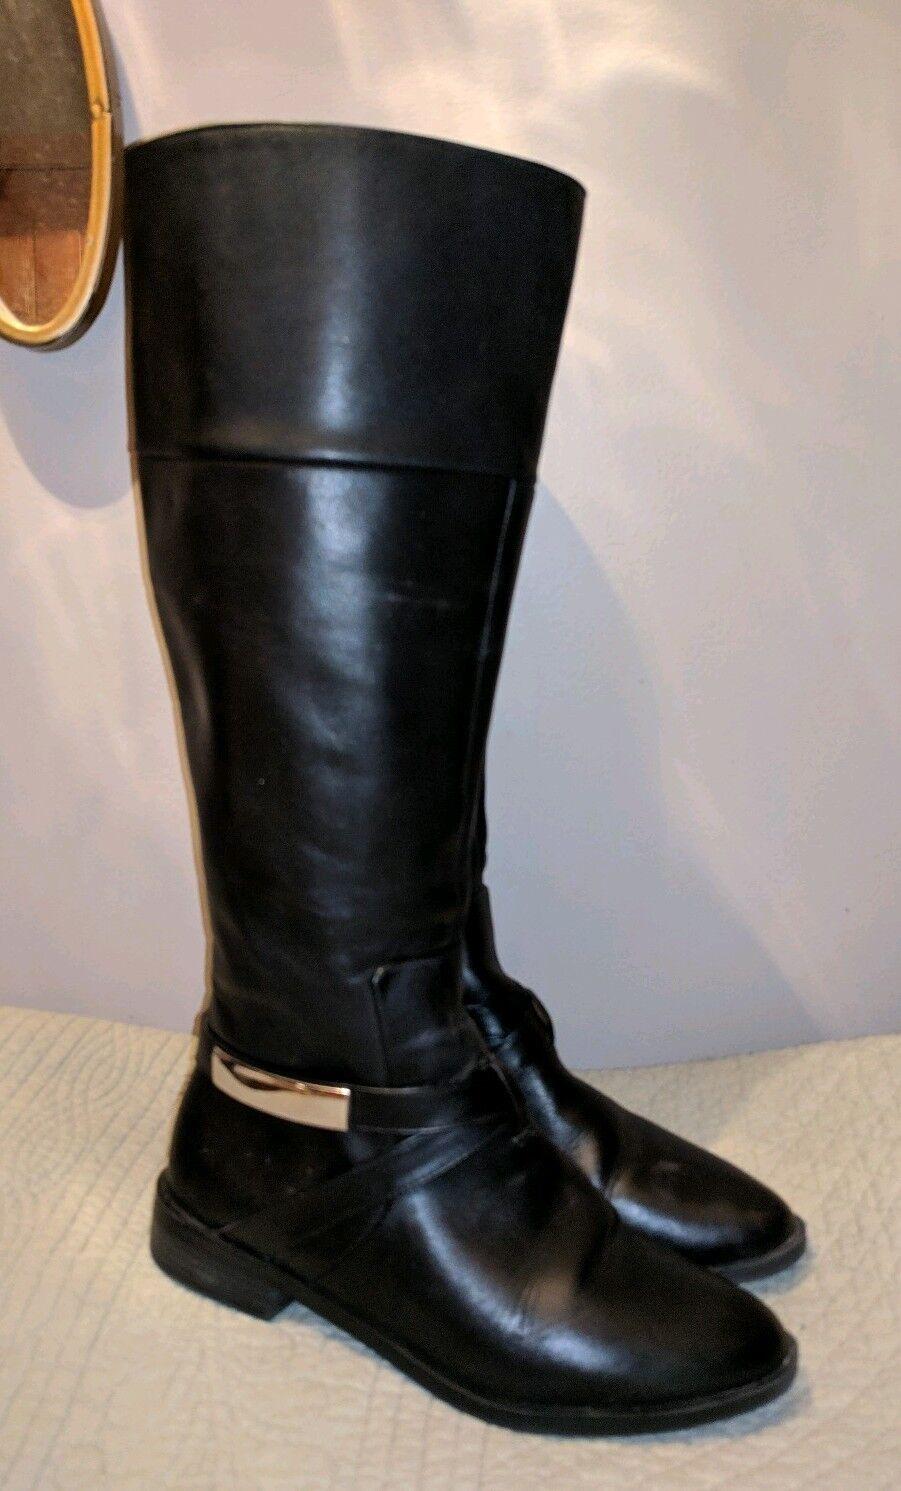 Alfani extendido de Ancho Pantorrilla Cuero Negro botas De Montar Montar Montar Señoras Alto 6.5 M  tienda de venta en línea